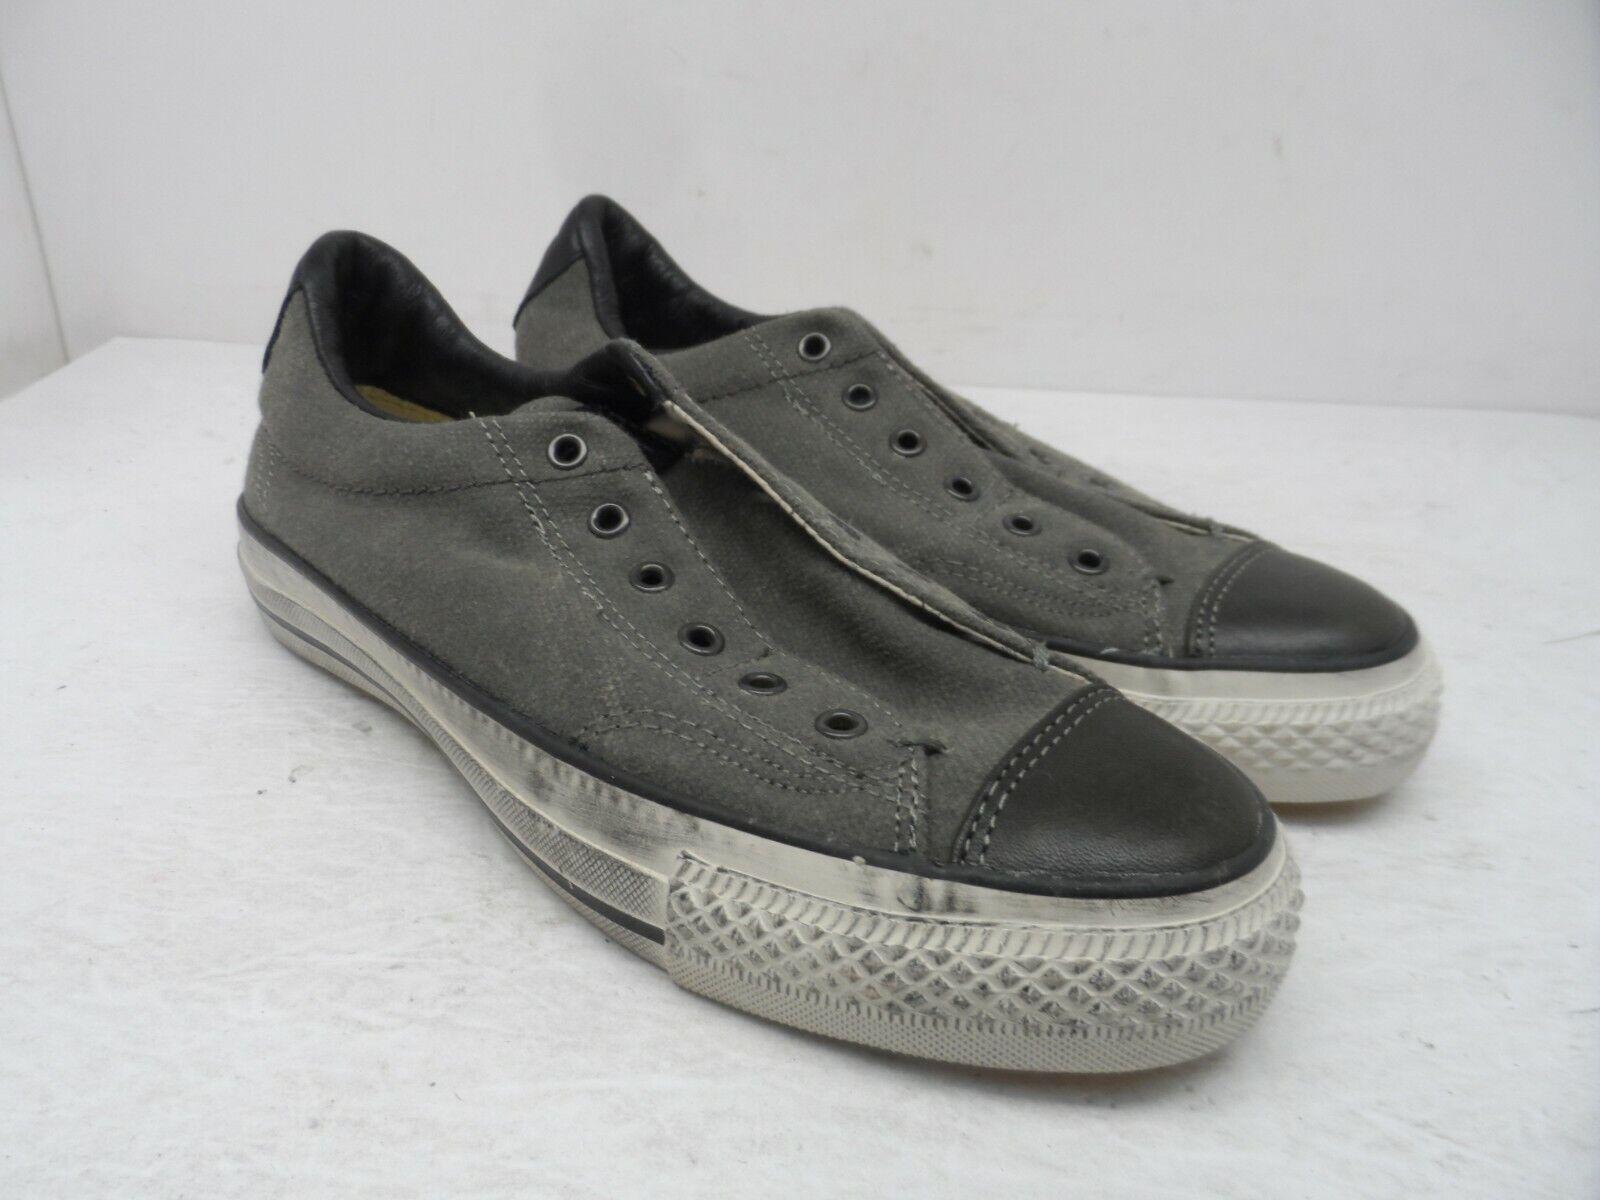 Converse Women's Slip-On Low John Varvatos CTAS Vintage Beluga Size 7.5M